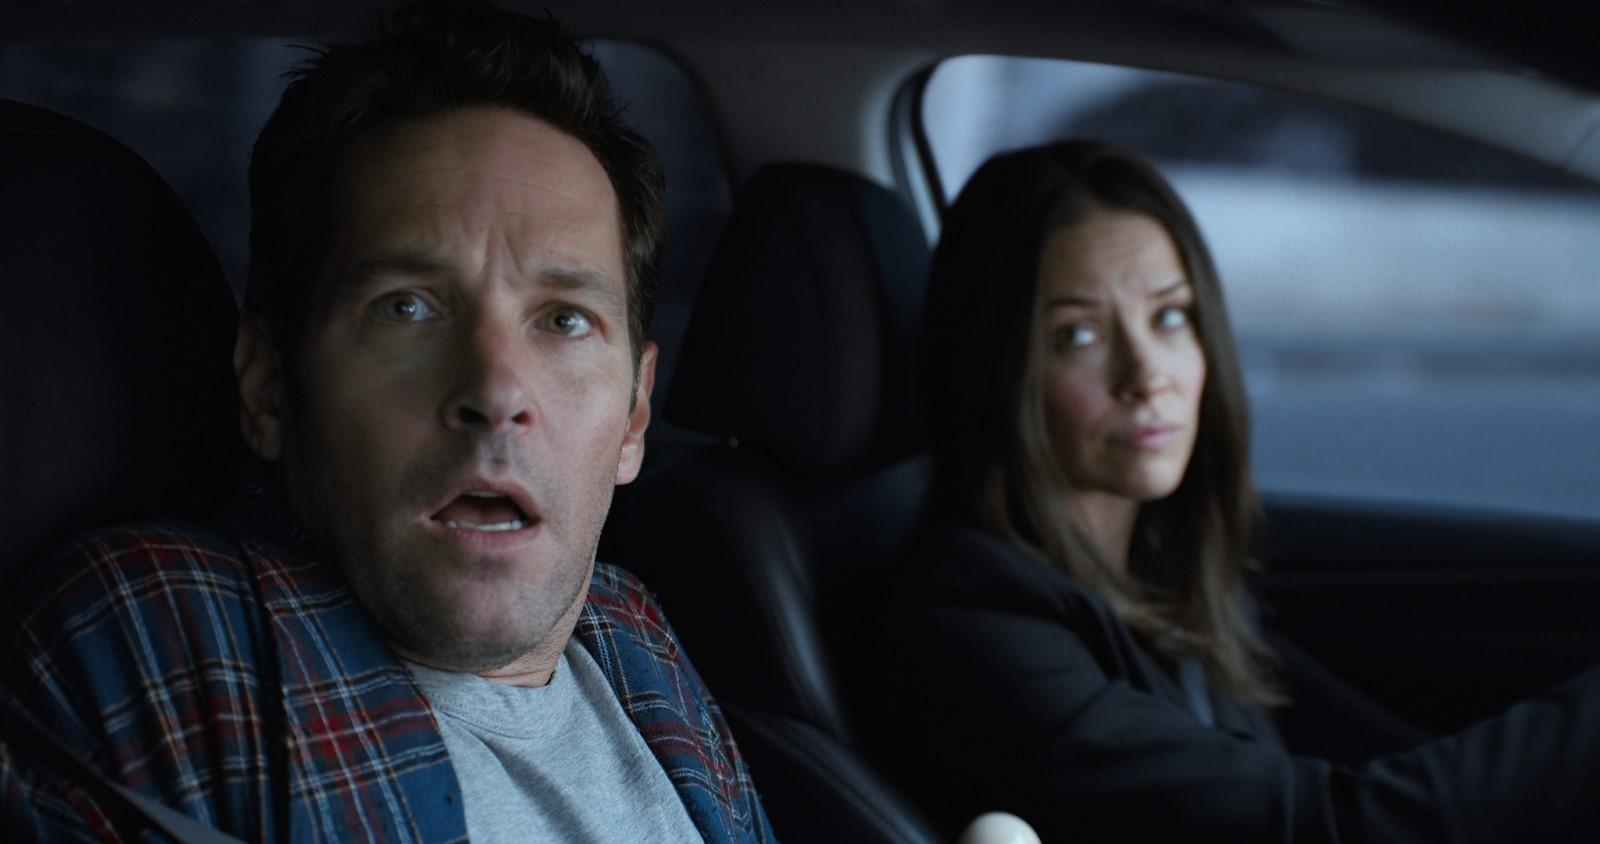 Ant-Man et la Guêpe: Une parenthèse fun en attendant Avengers 4 [critique]